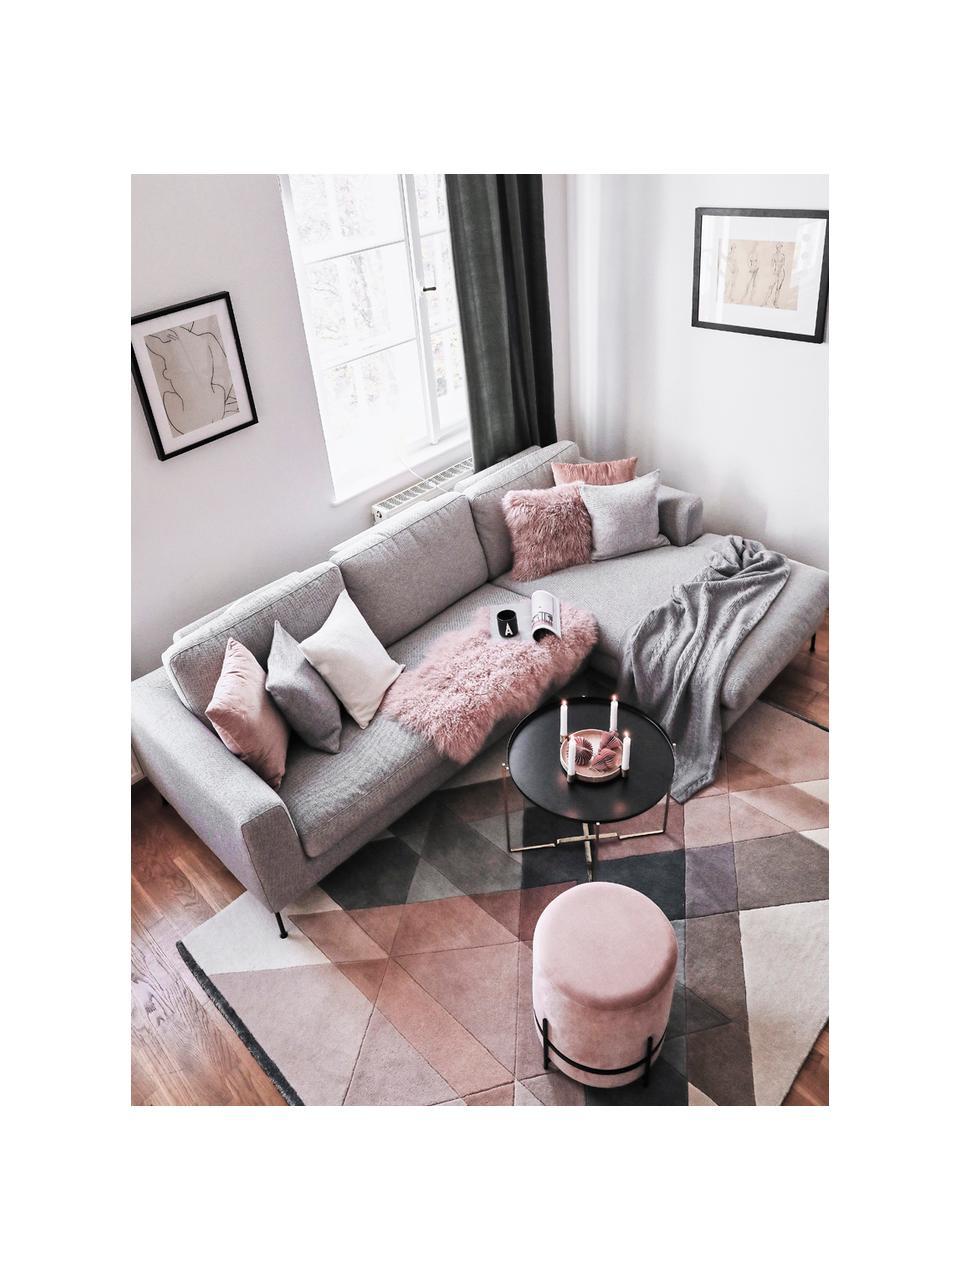 Handgetufteter Designteppich Freya aus Wolle, Flor: 95% Wolle, 5% Viskose, Beigetöne, Rosa, Blaugrau, B 140 x L 200 cm (Größe S)